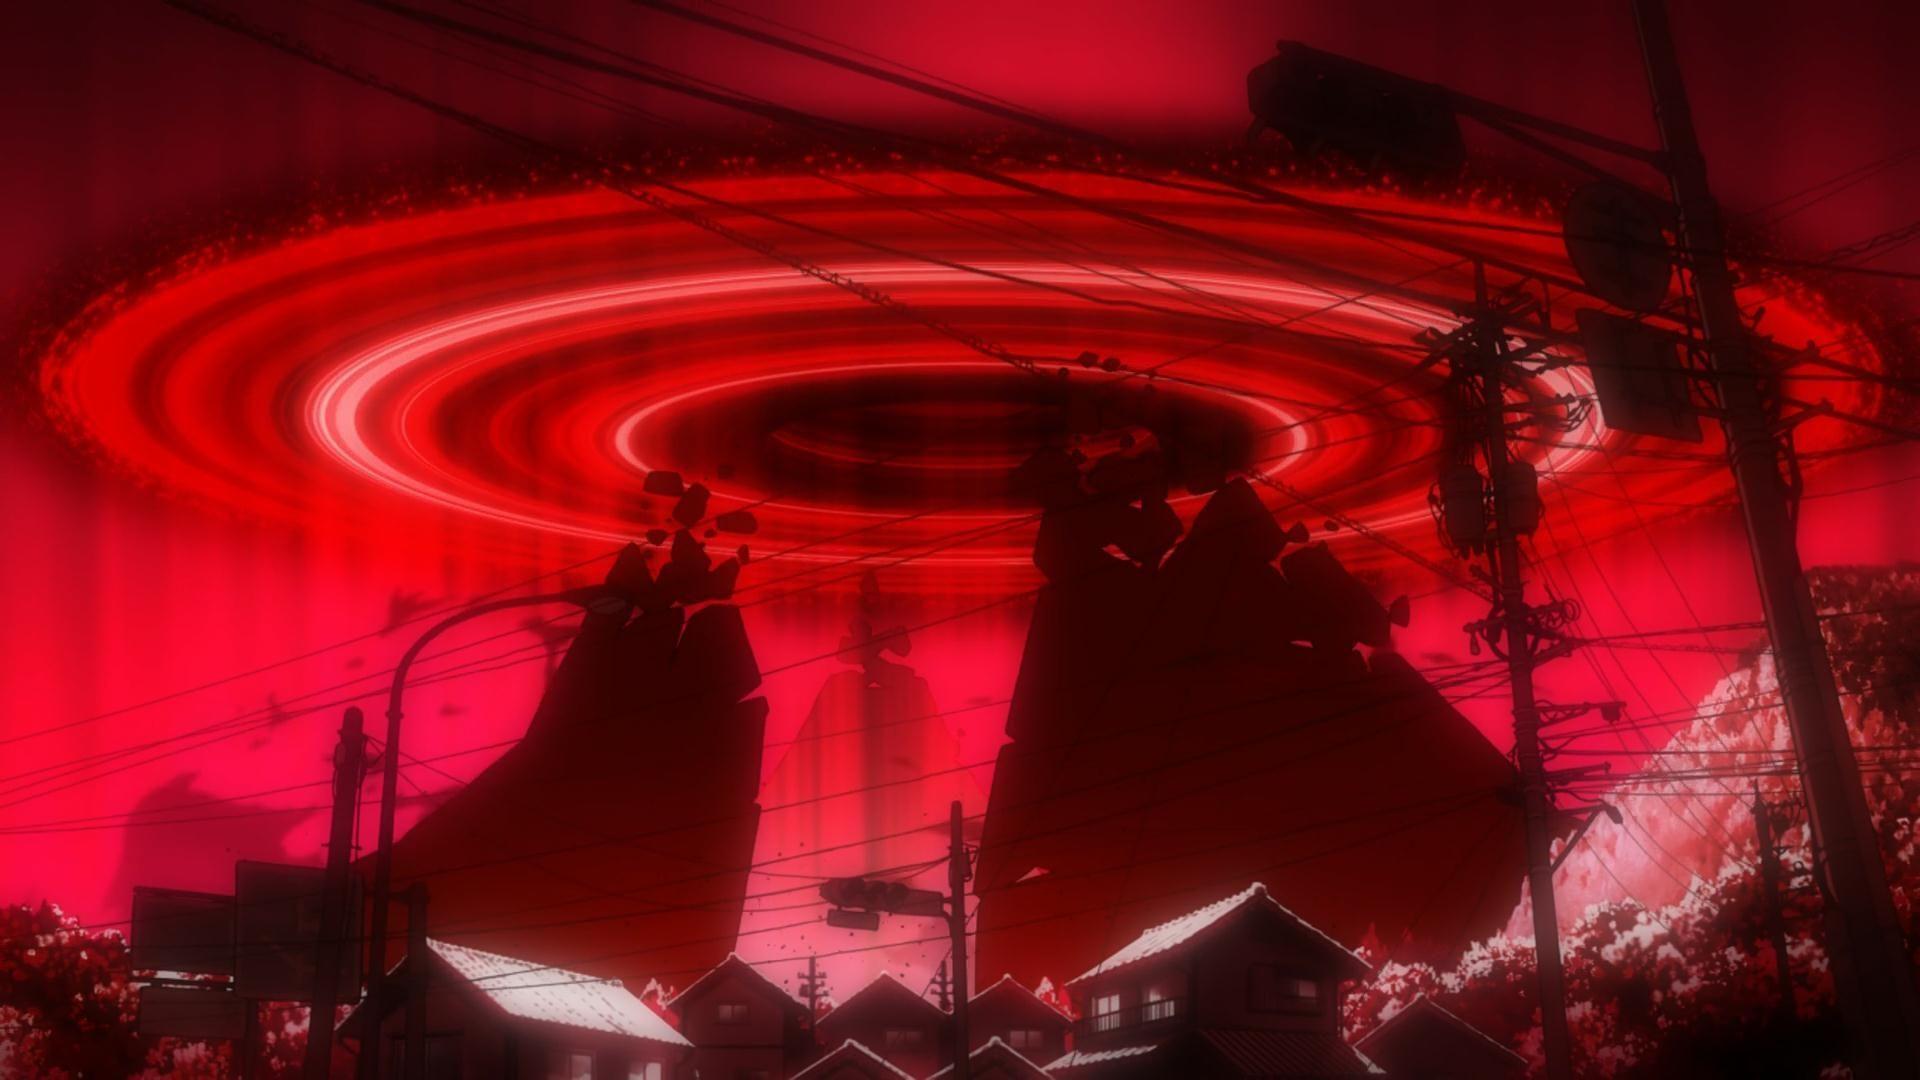 Finalmente Shinji tiene en sus manos el futuro de la humanidad ¿Cuál es la decisión final de Shinji?